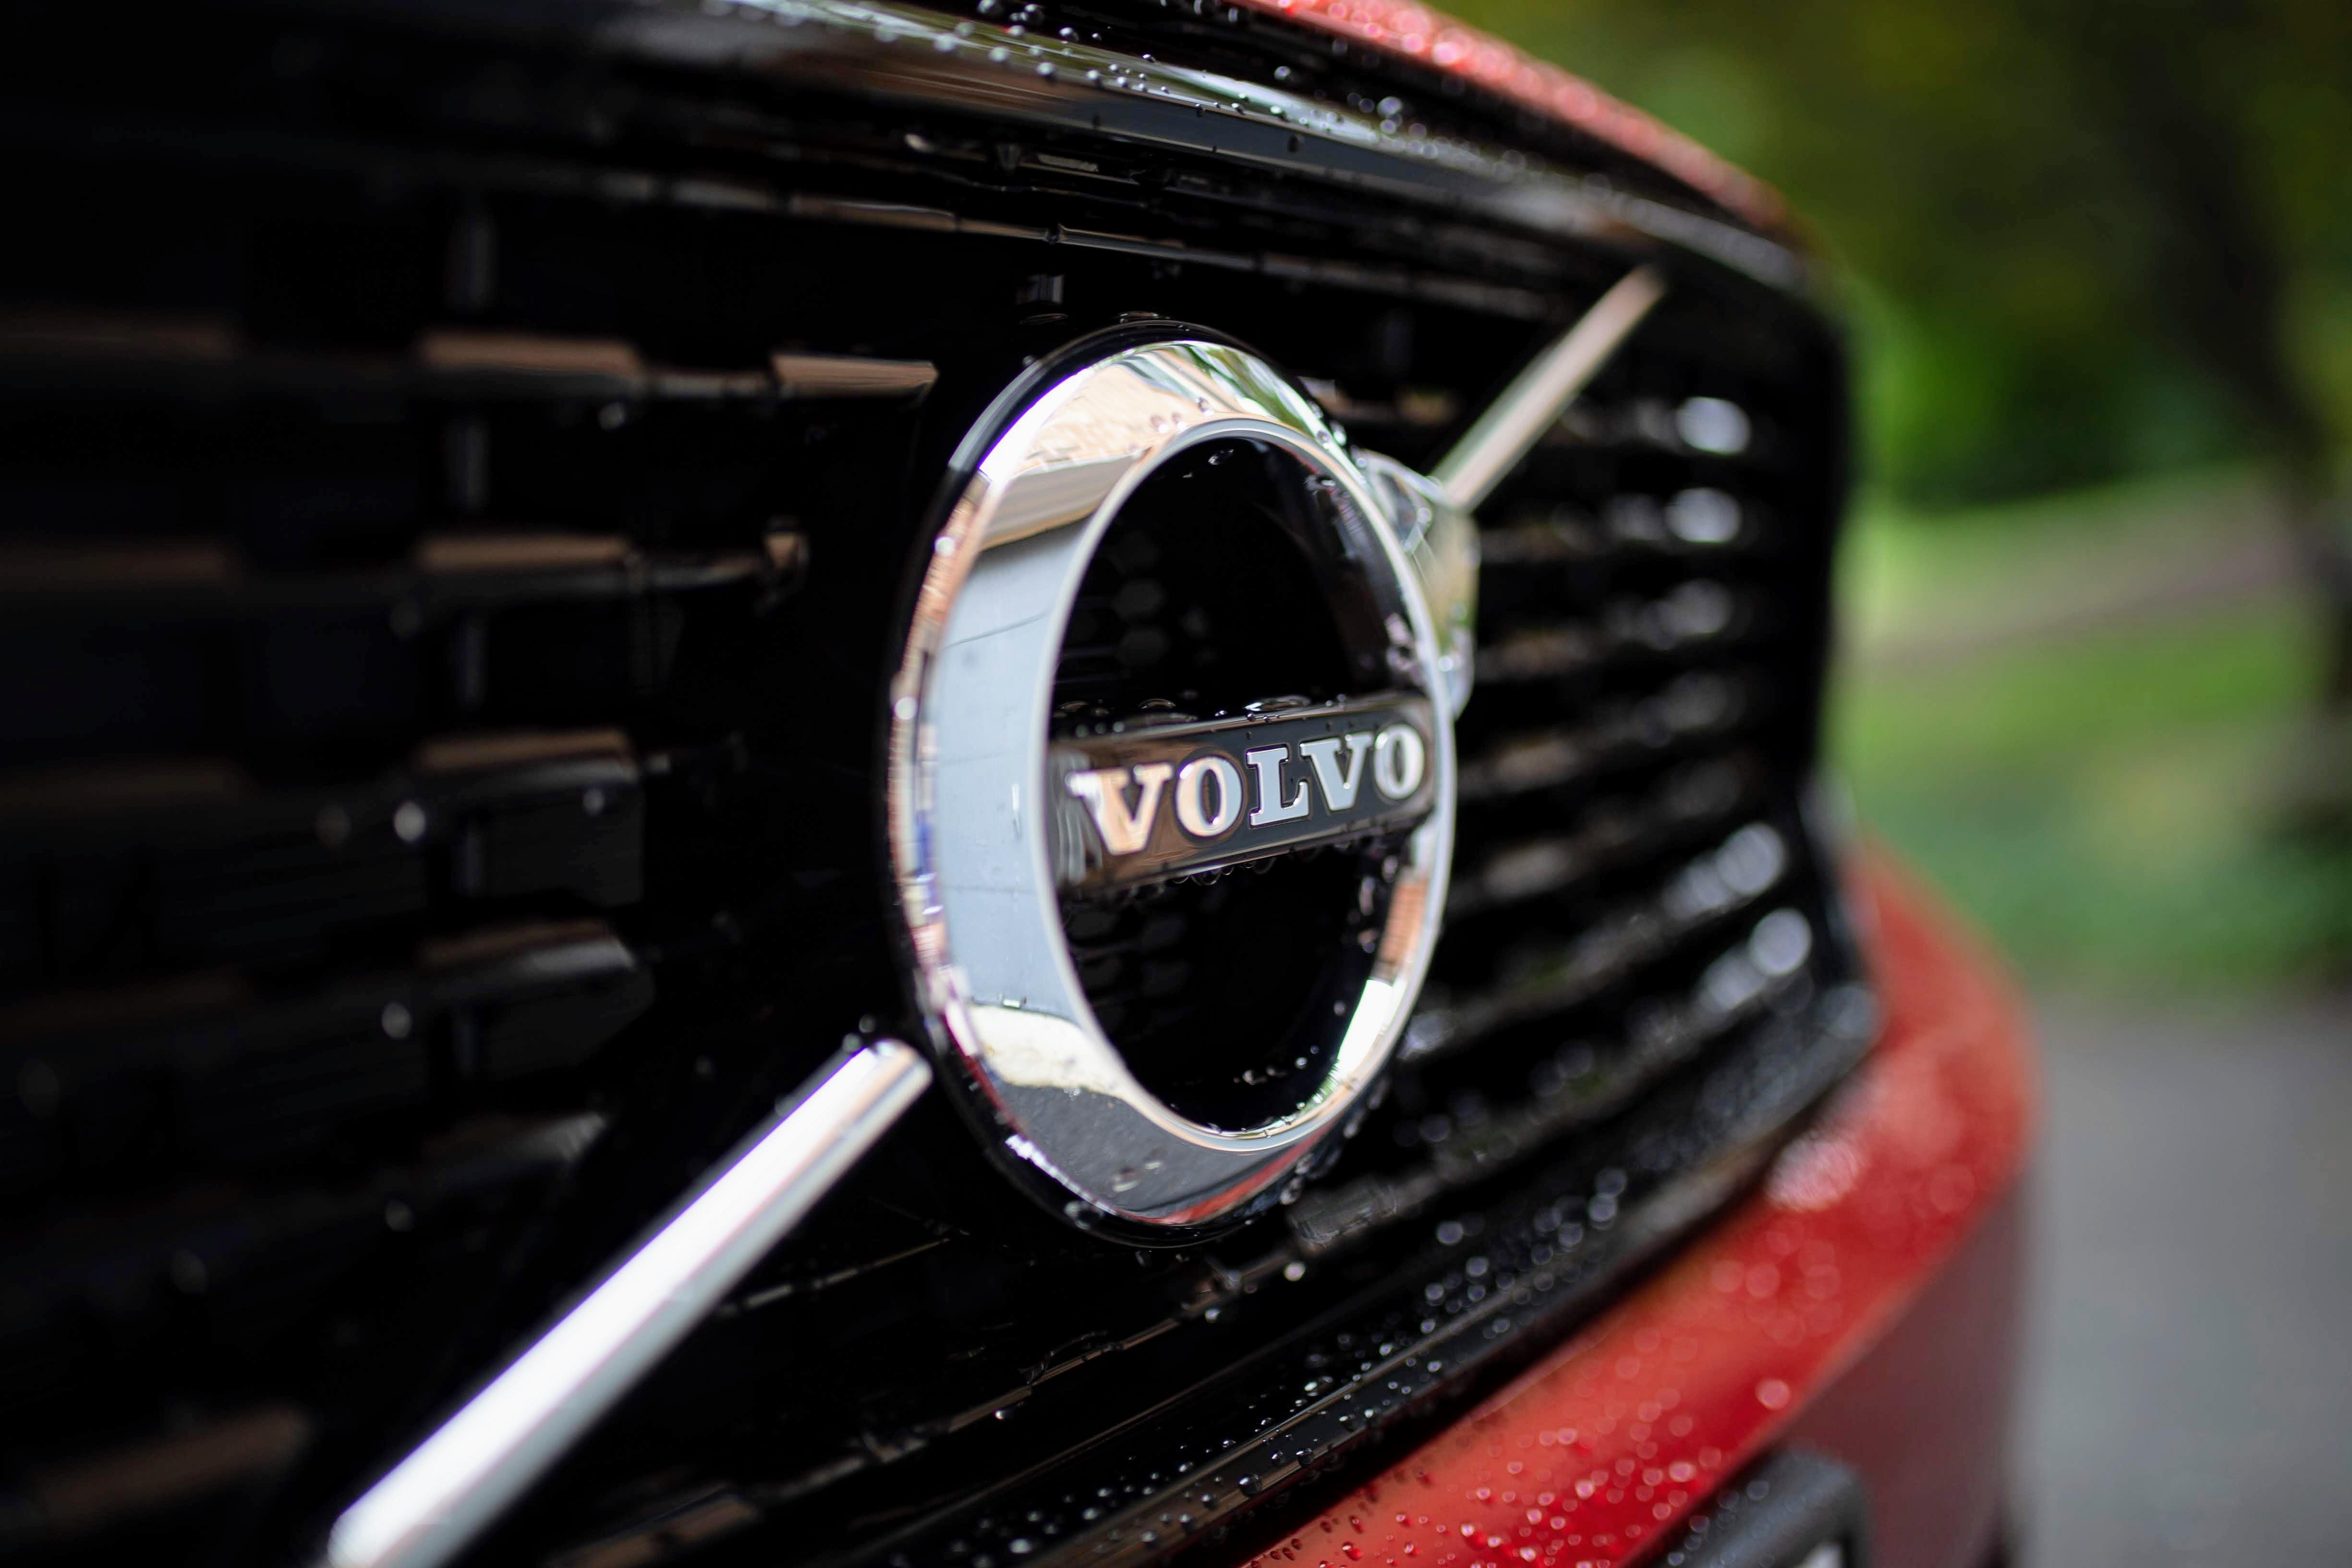 chrome Volvo emblem